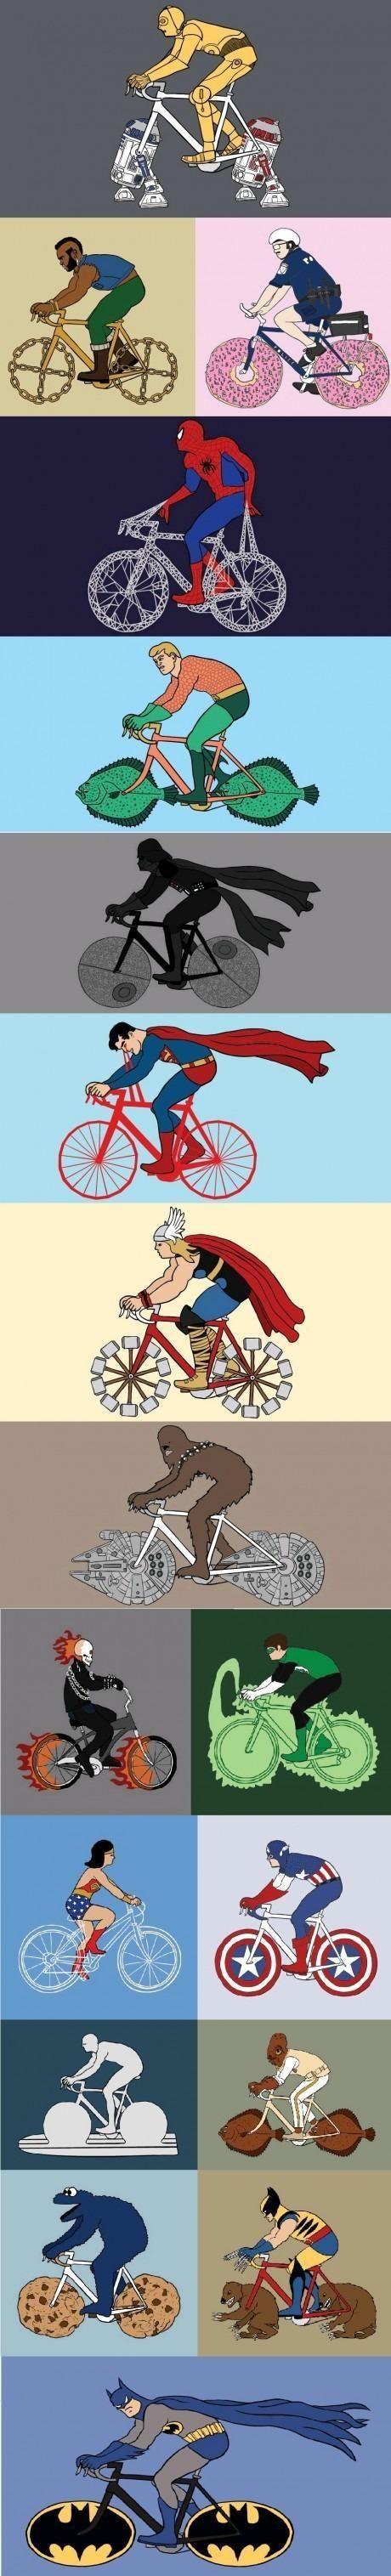 Historische Räder